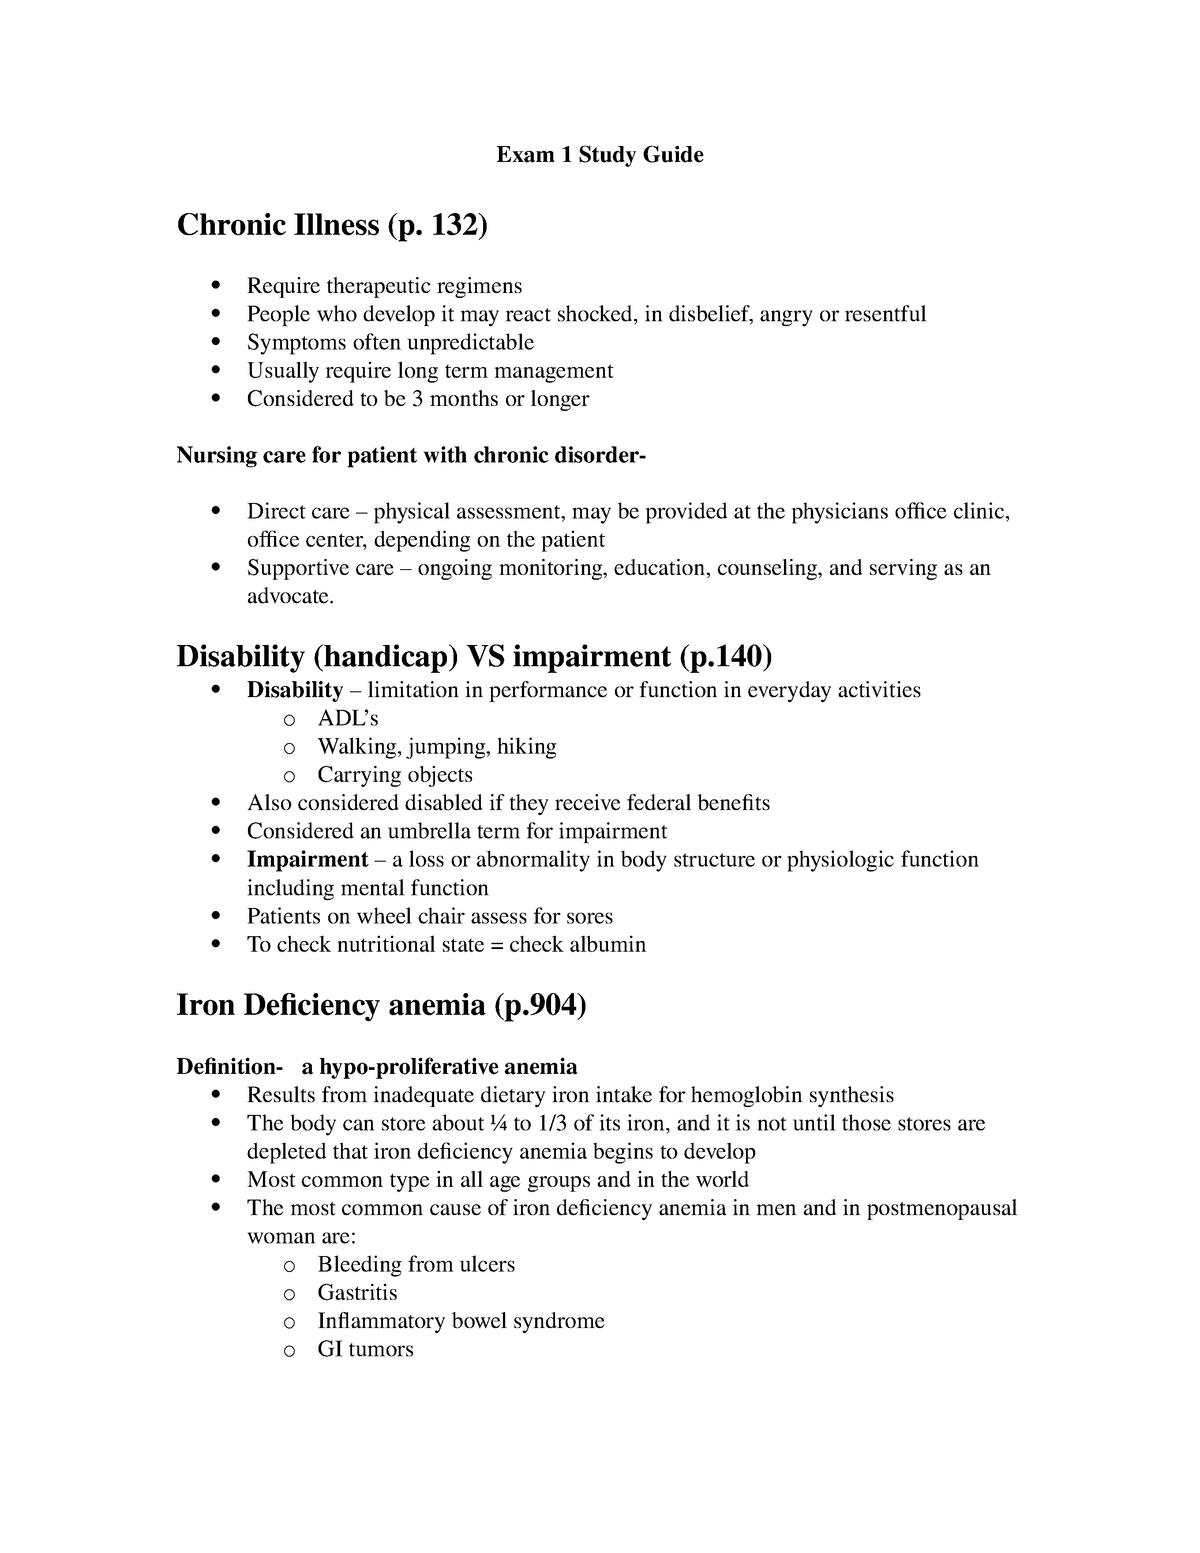 Exam 1 Study Guide - Med-Surg - NUR 3180 - NSU - StuDocu